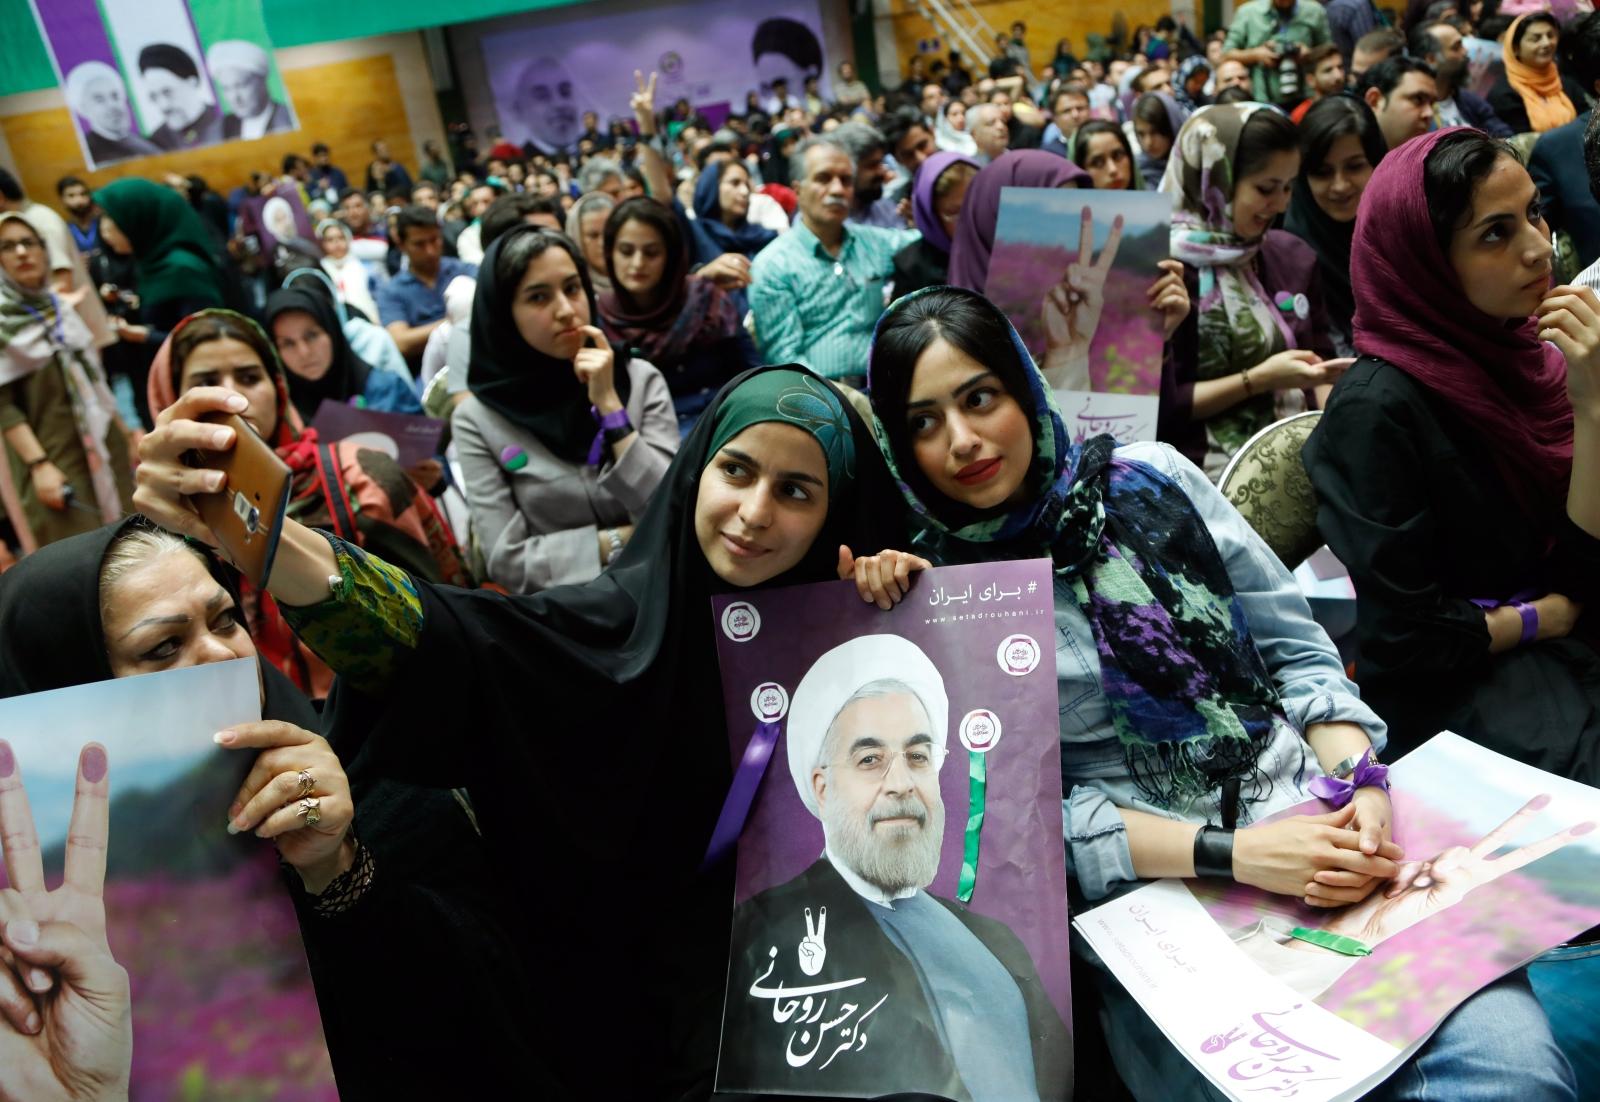 Wybory prezydenckie w Iranie. Fot. PAP/EPA/ABEDIN TAHERKENAREH